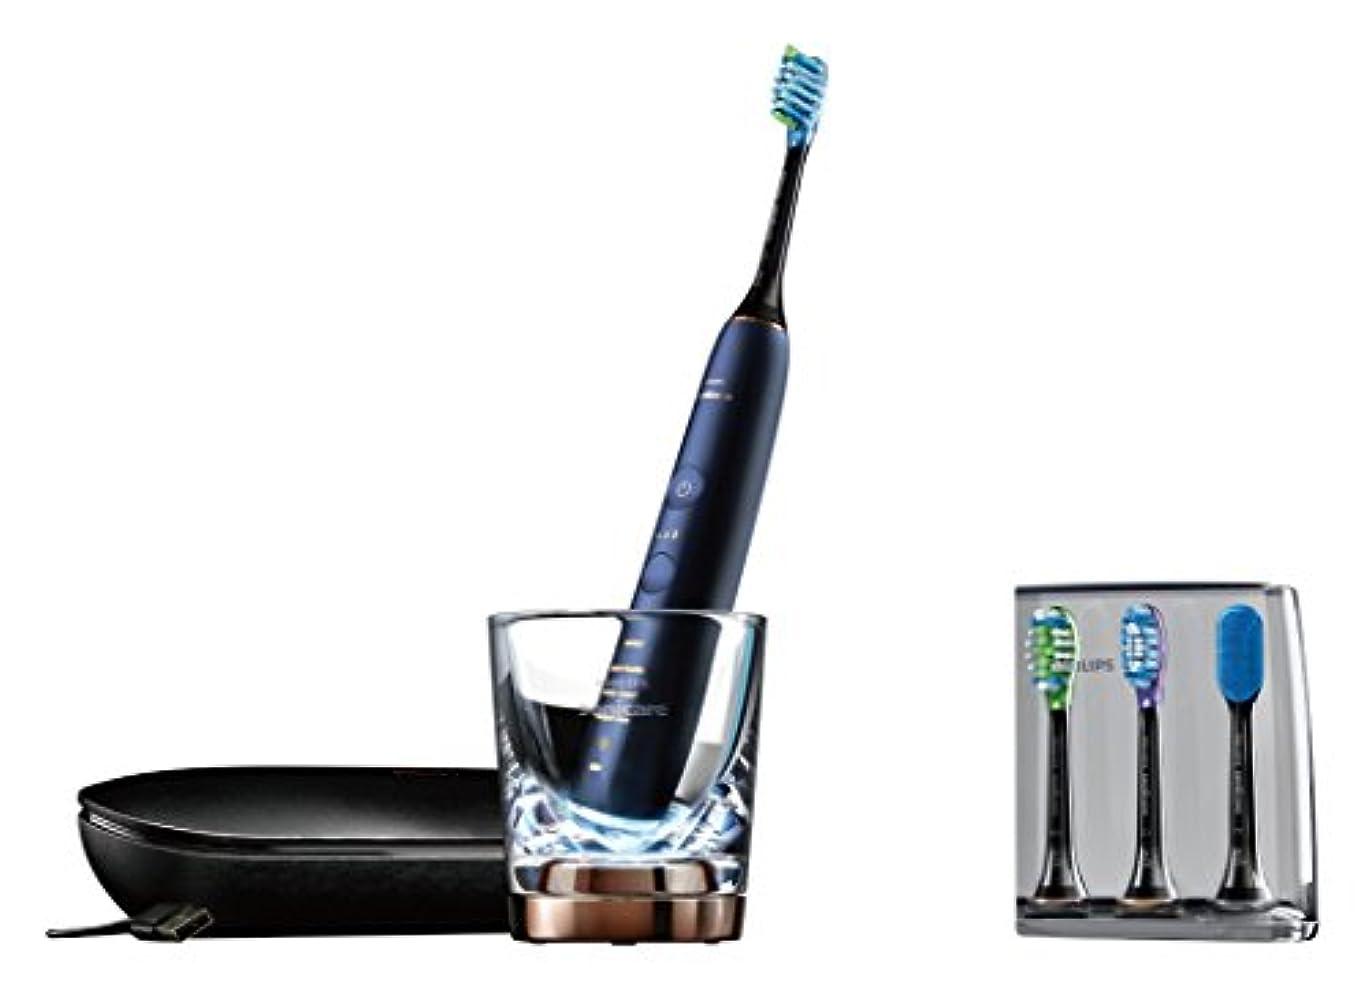 ブラウザ子供っぽいうめき声フィリップス ソニッケアー ダイヤモンドクリーン スマート 電動歯ブラシ ルナーブルー HX9964/55